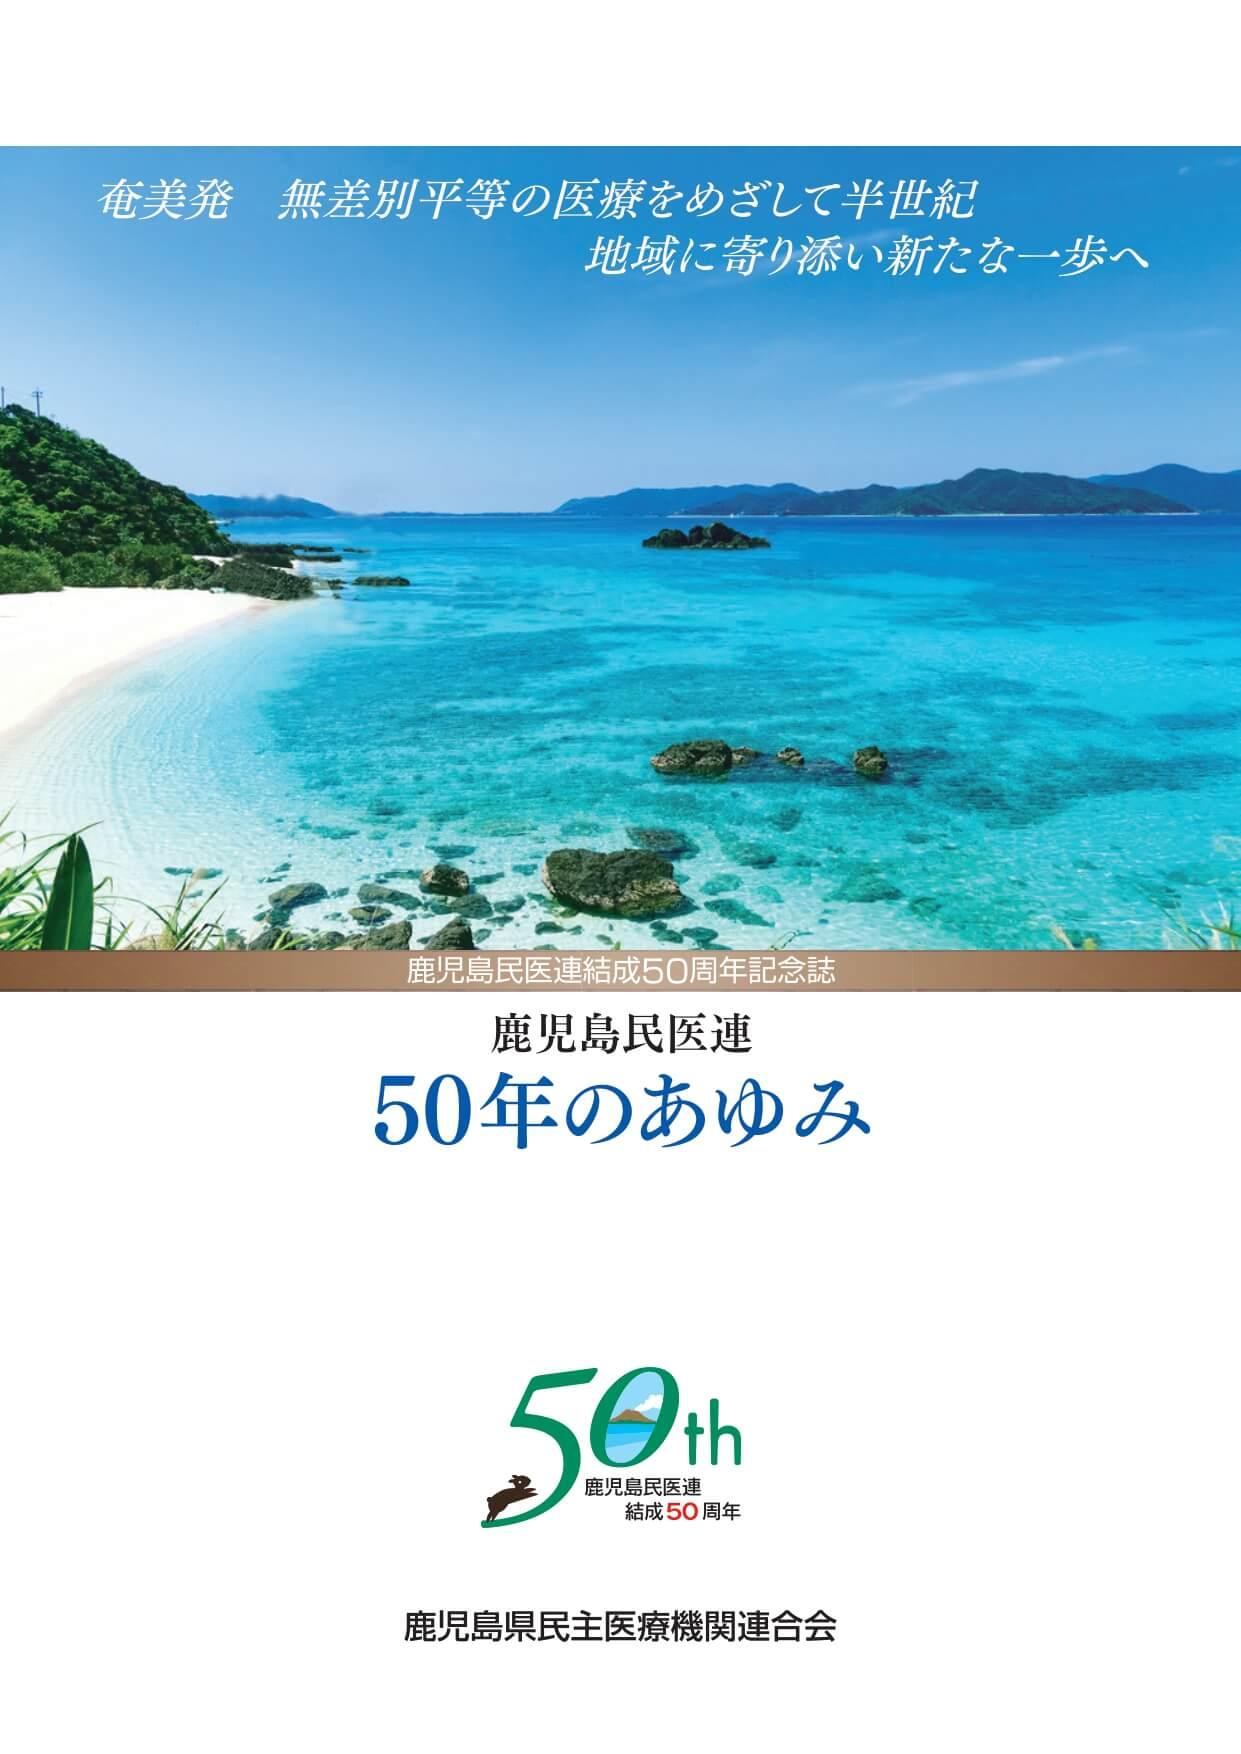 鹿児島民医連50周年記念誌